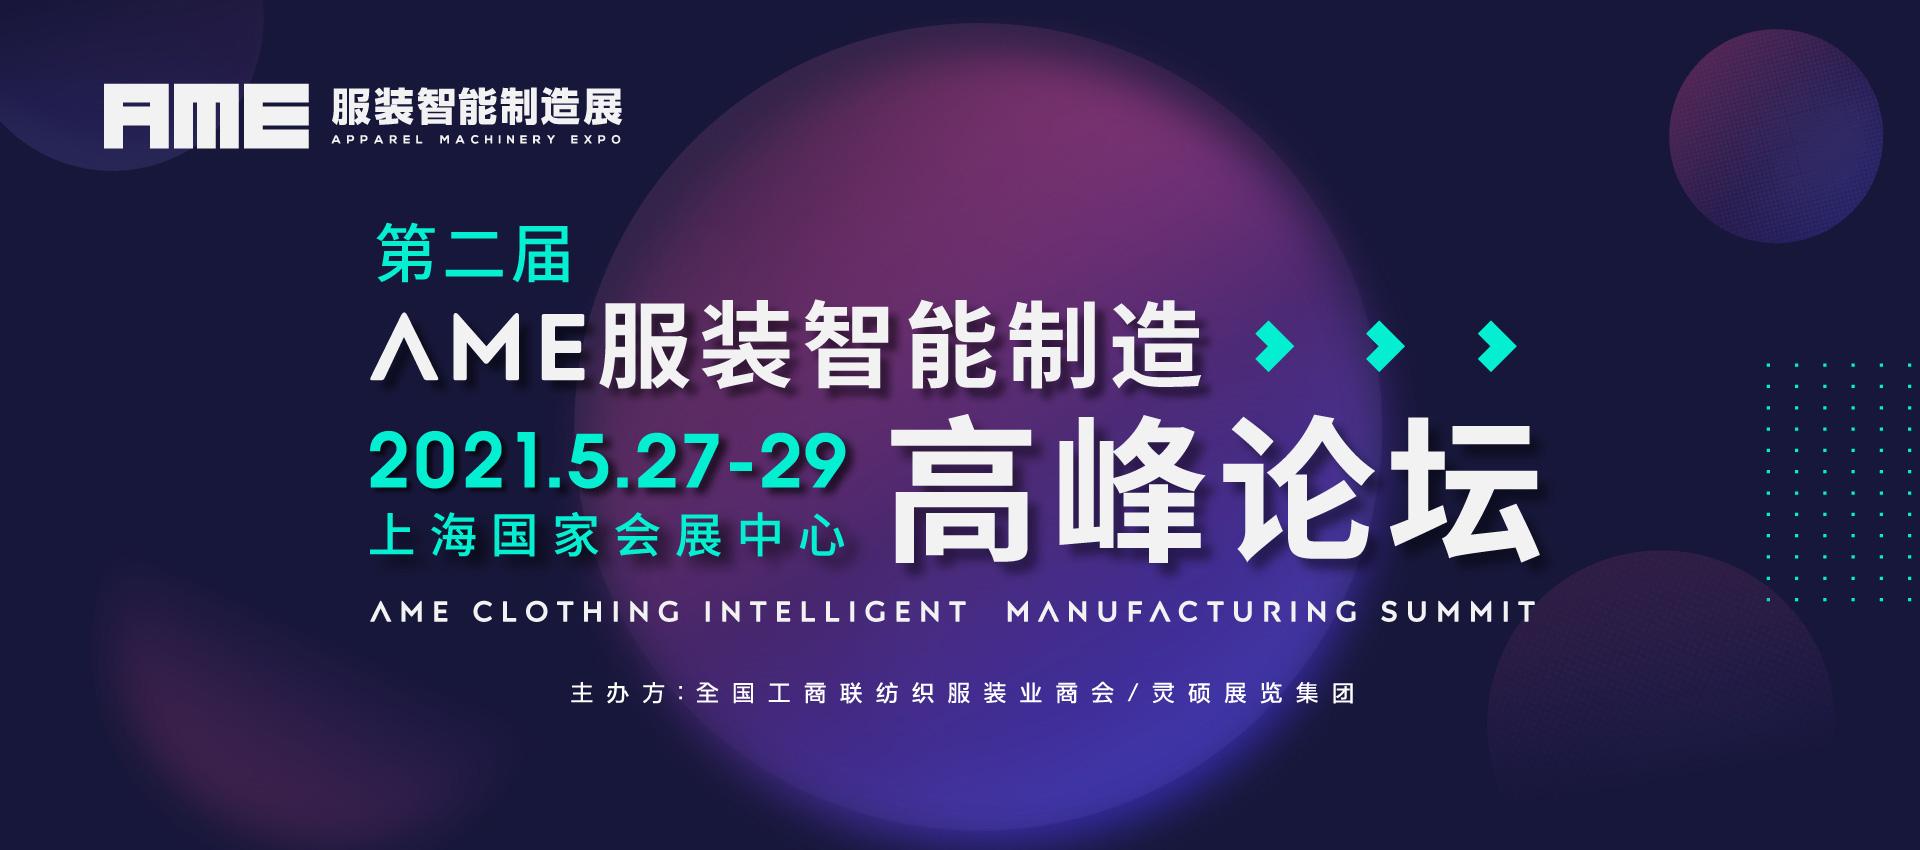 2021AME服装智能制造展